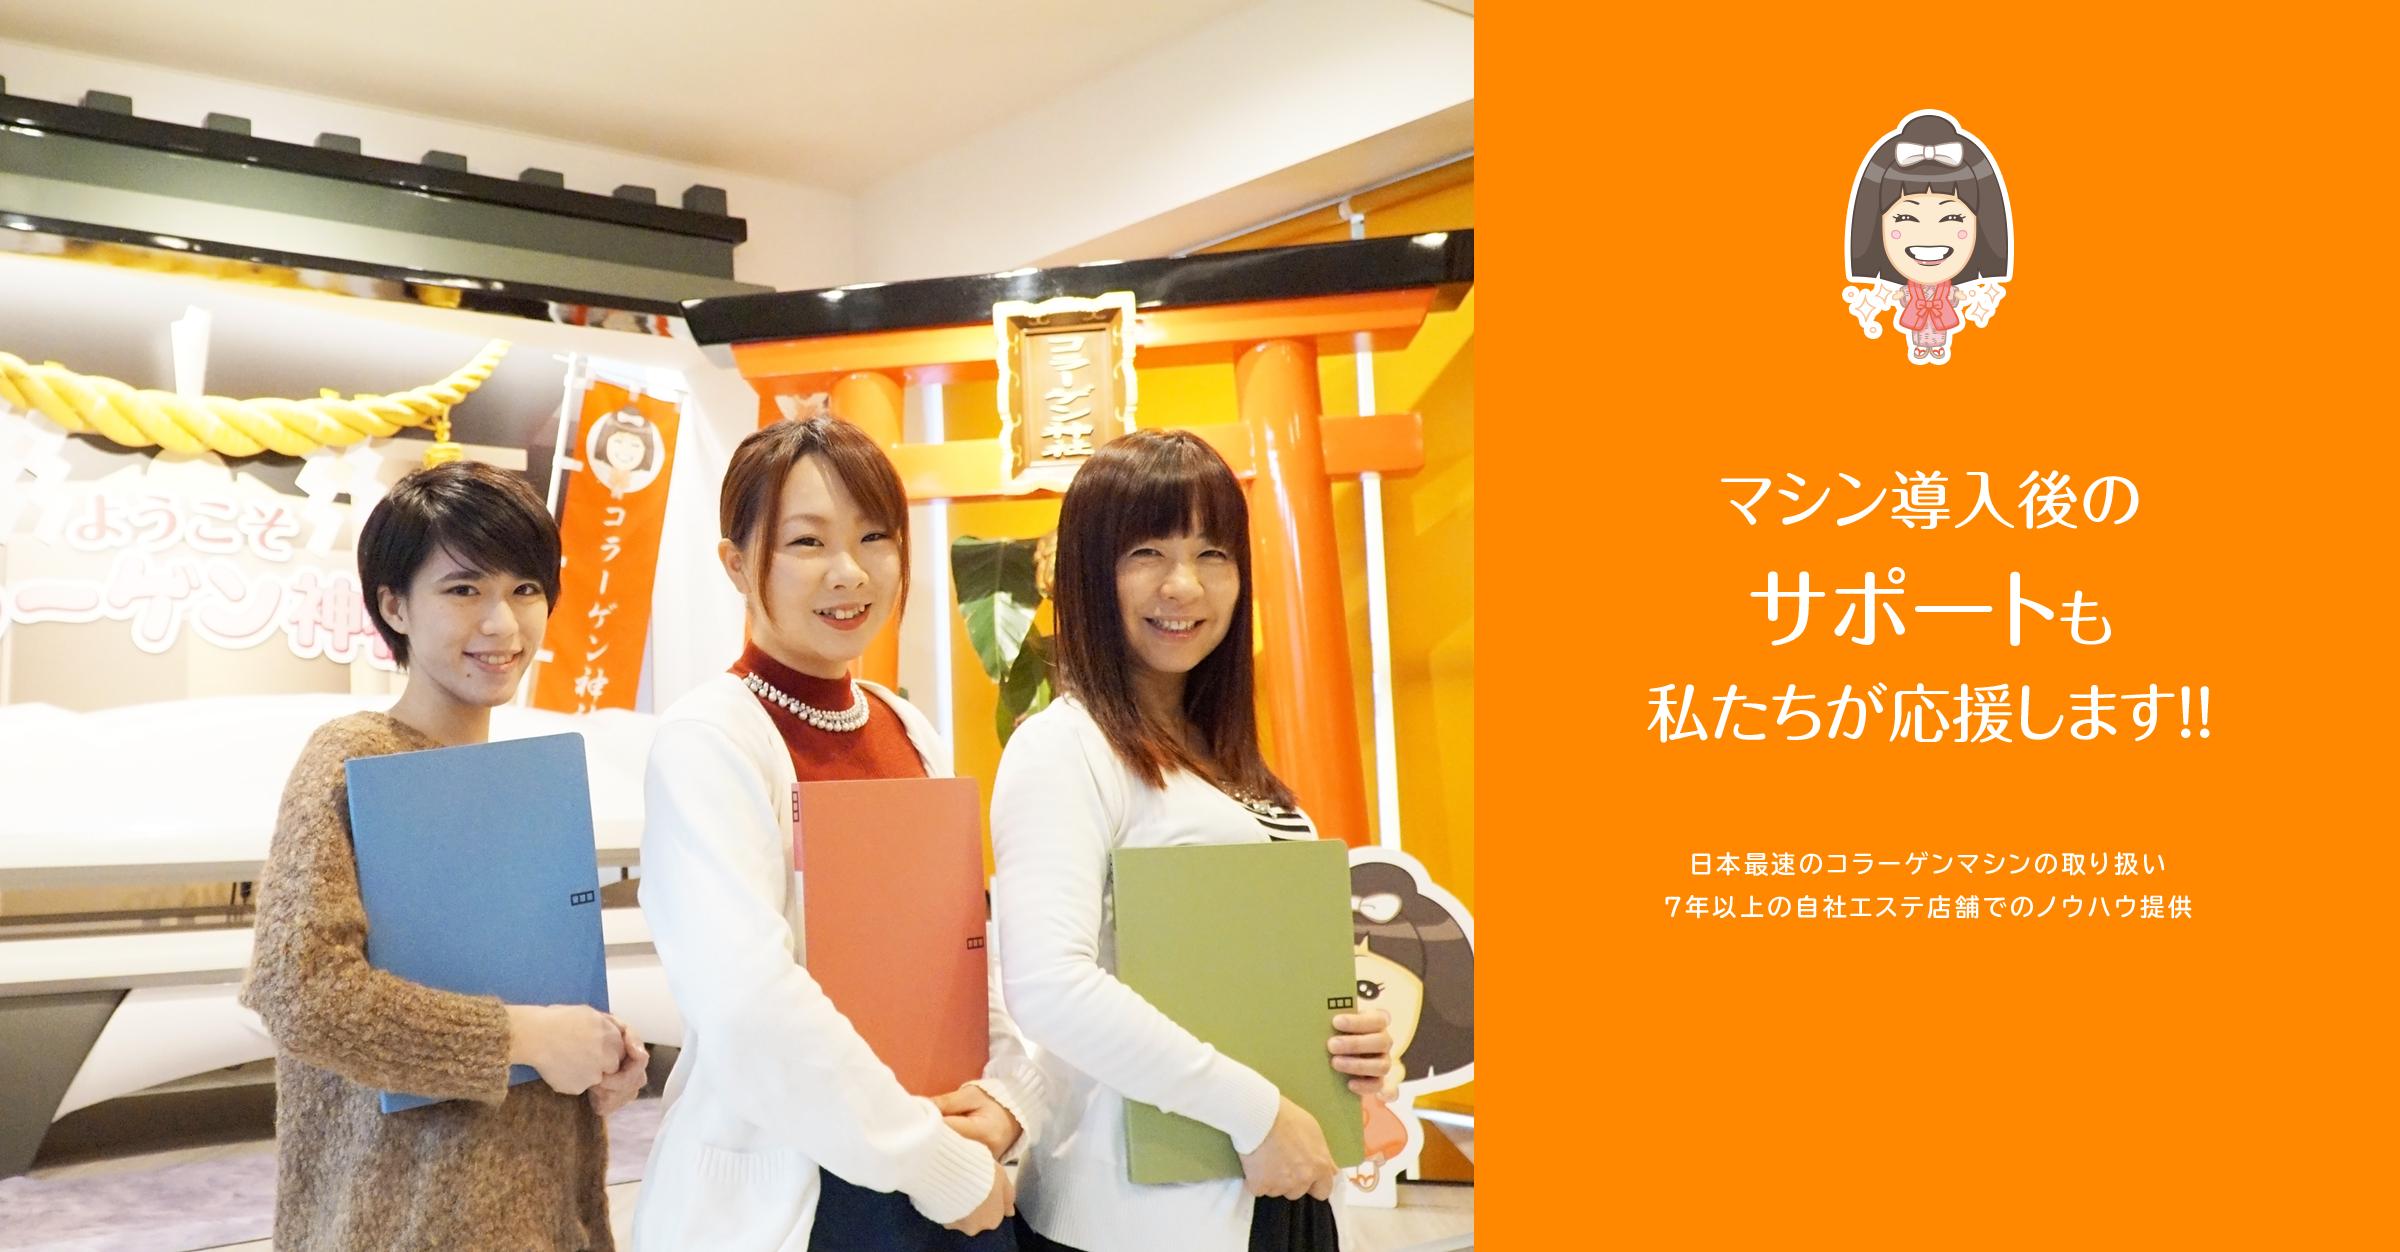 マシン導入後のサポートも私たちが応援します!!日本最速のコラーゲンマシンの取り扱い/7年以上の自社エステ店舗でのノウハウ提供